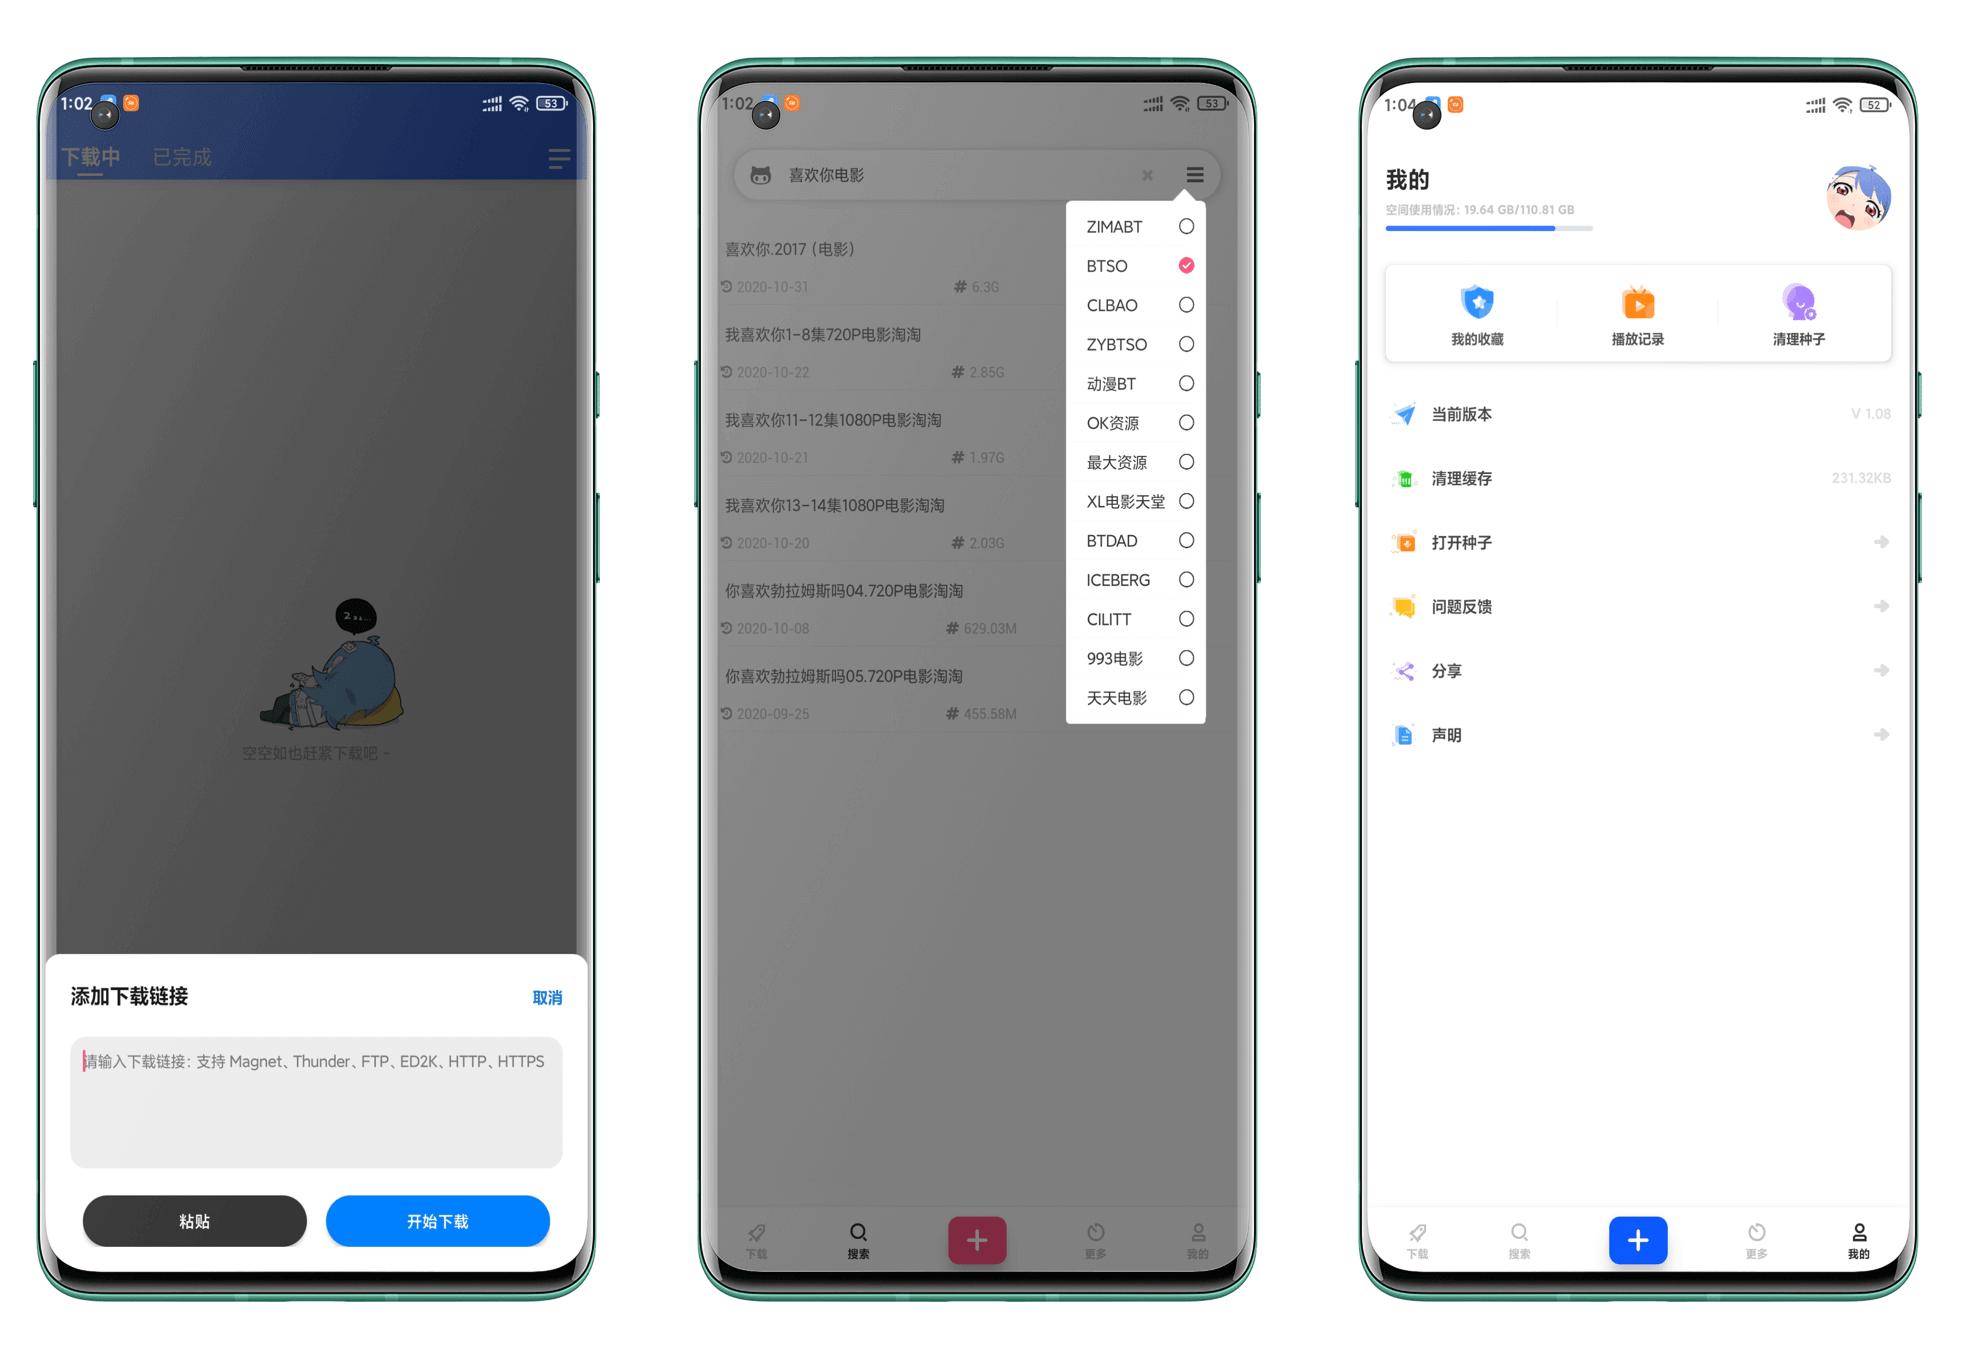 Android 火箭BT下载器 V1.0.8